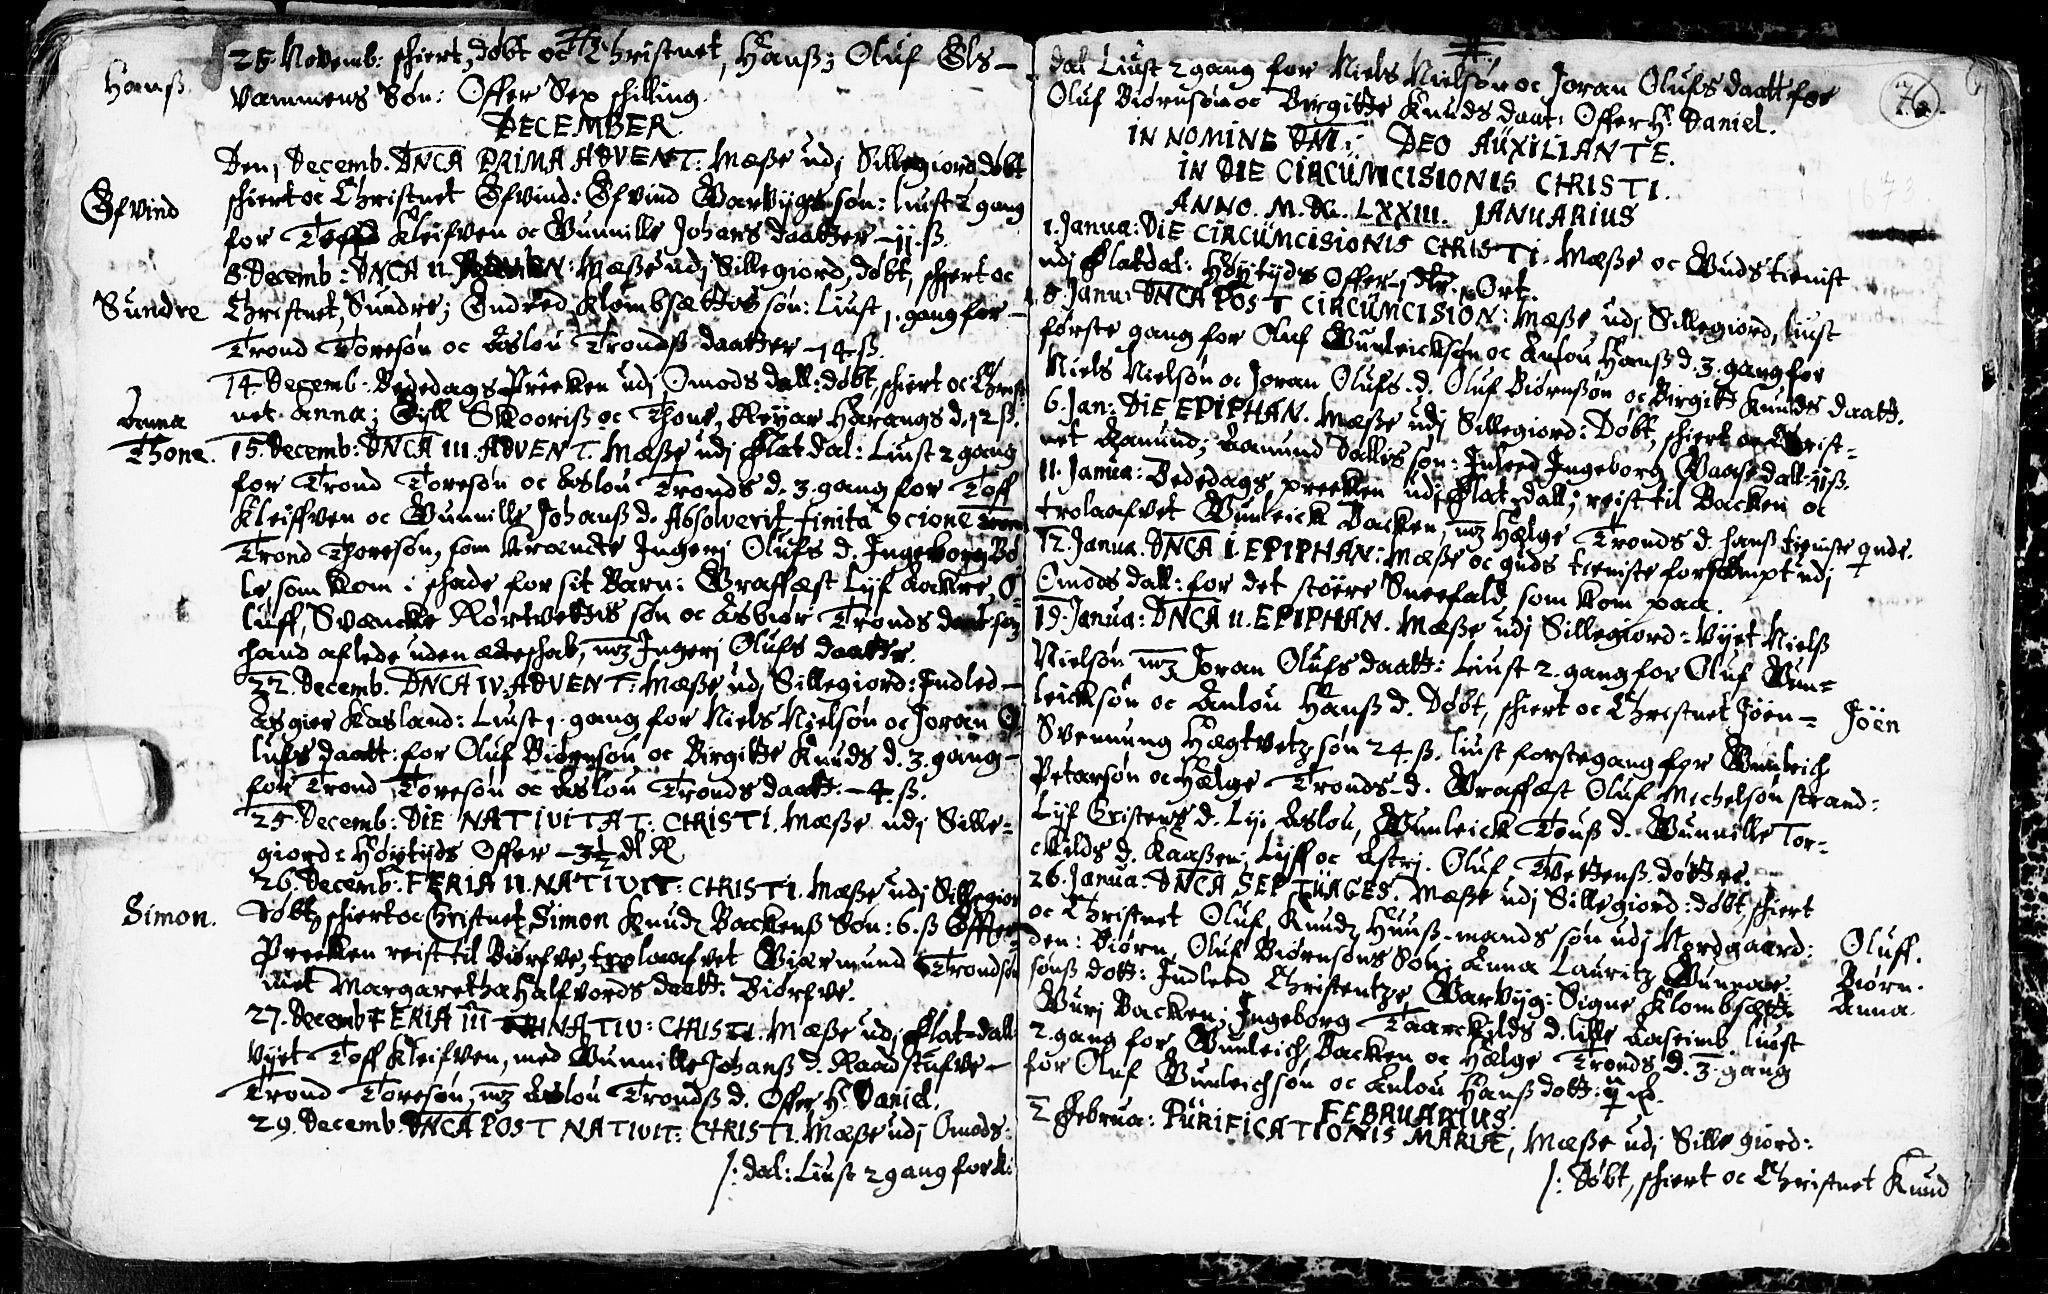 SAKO, Seljord kirkebøker, F/Fa/L0001: Ministerialbok nr. I 1, 1654-1686, s. 76